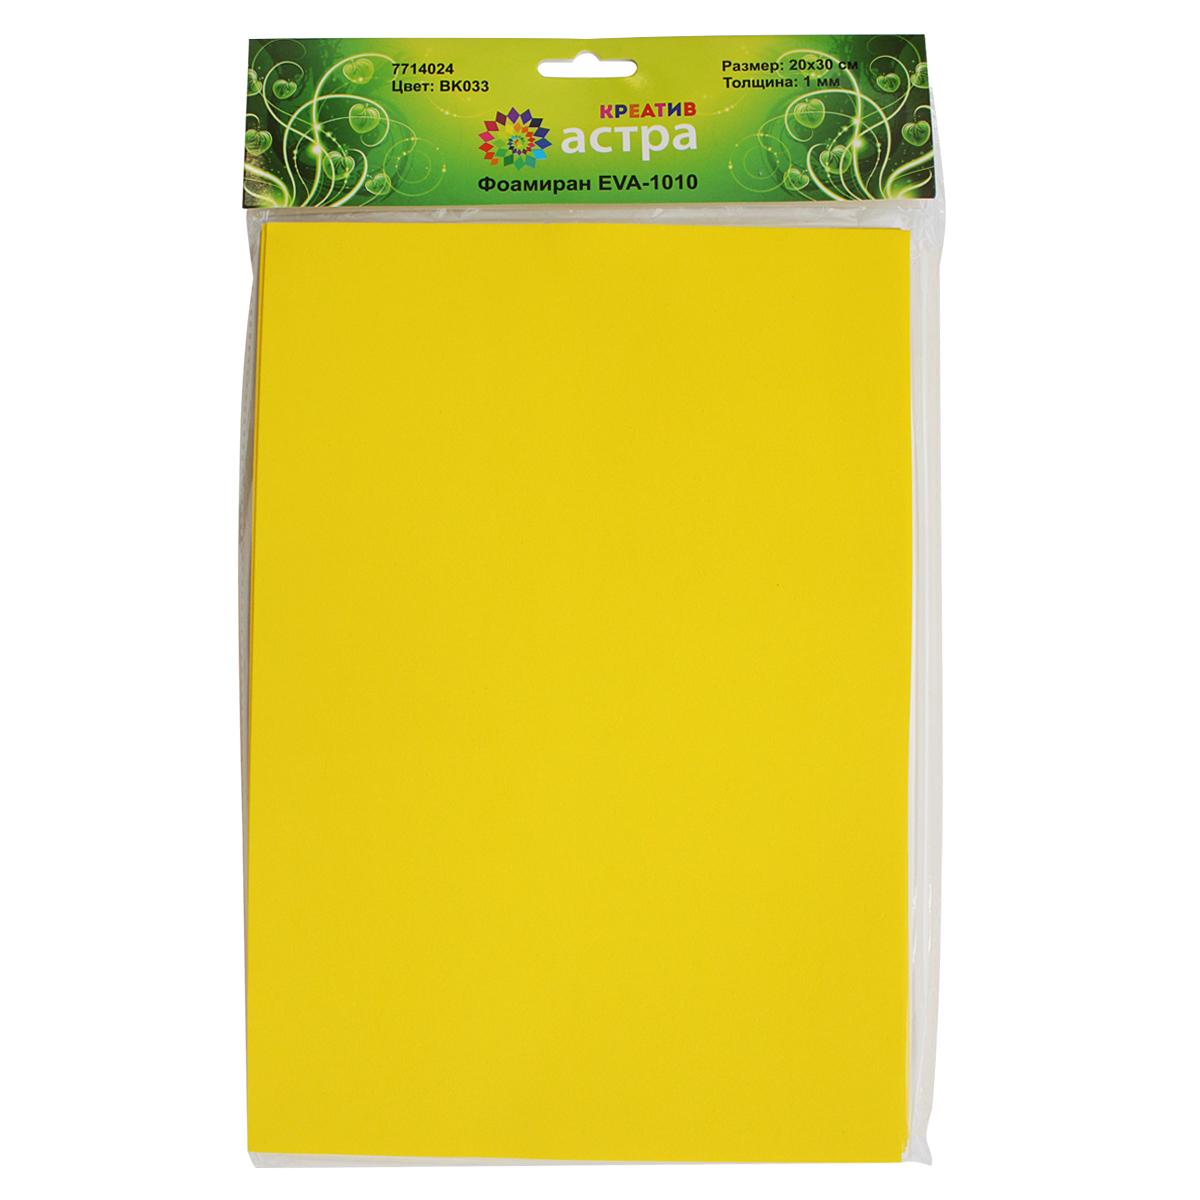 Фоамиран Астра, цвет: желтый, 20 х 30 см, 10 шт7714024_BK033 желтыйФоамиран Астра - это пластичная замша, ее можно применить для создания разнообразного вида декора: открытки, магнитики, цветы, забавные игрушки и т.д. Главная особенность материала фоамиран заключается в его способности к незначительному растяжению, которого вполне достаточно для «запоминания» изделием своей формы.На ощупь мягкая синтетическая замша очень приятна и податлива, поэтому работать с ней не составит труда даже начинающему.Размер ткани: 200 x 300 мм. В упаковке 10 штук.